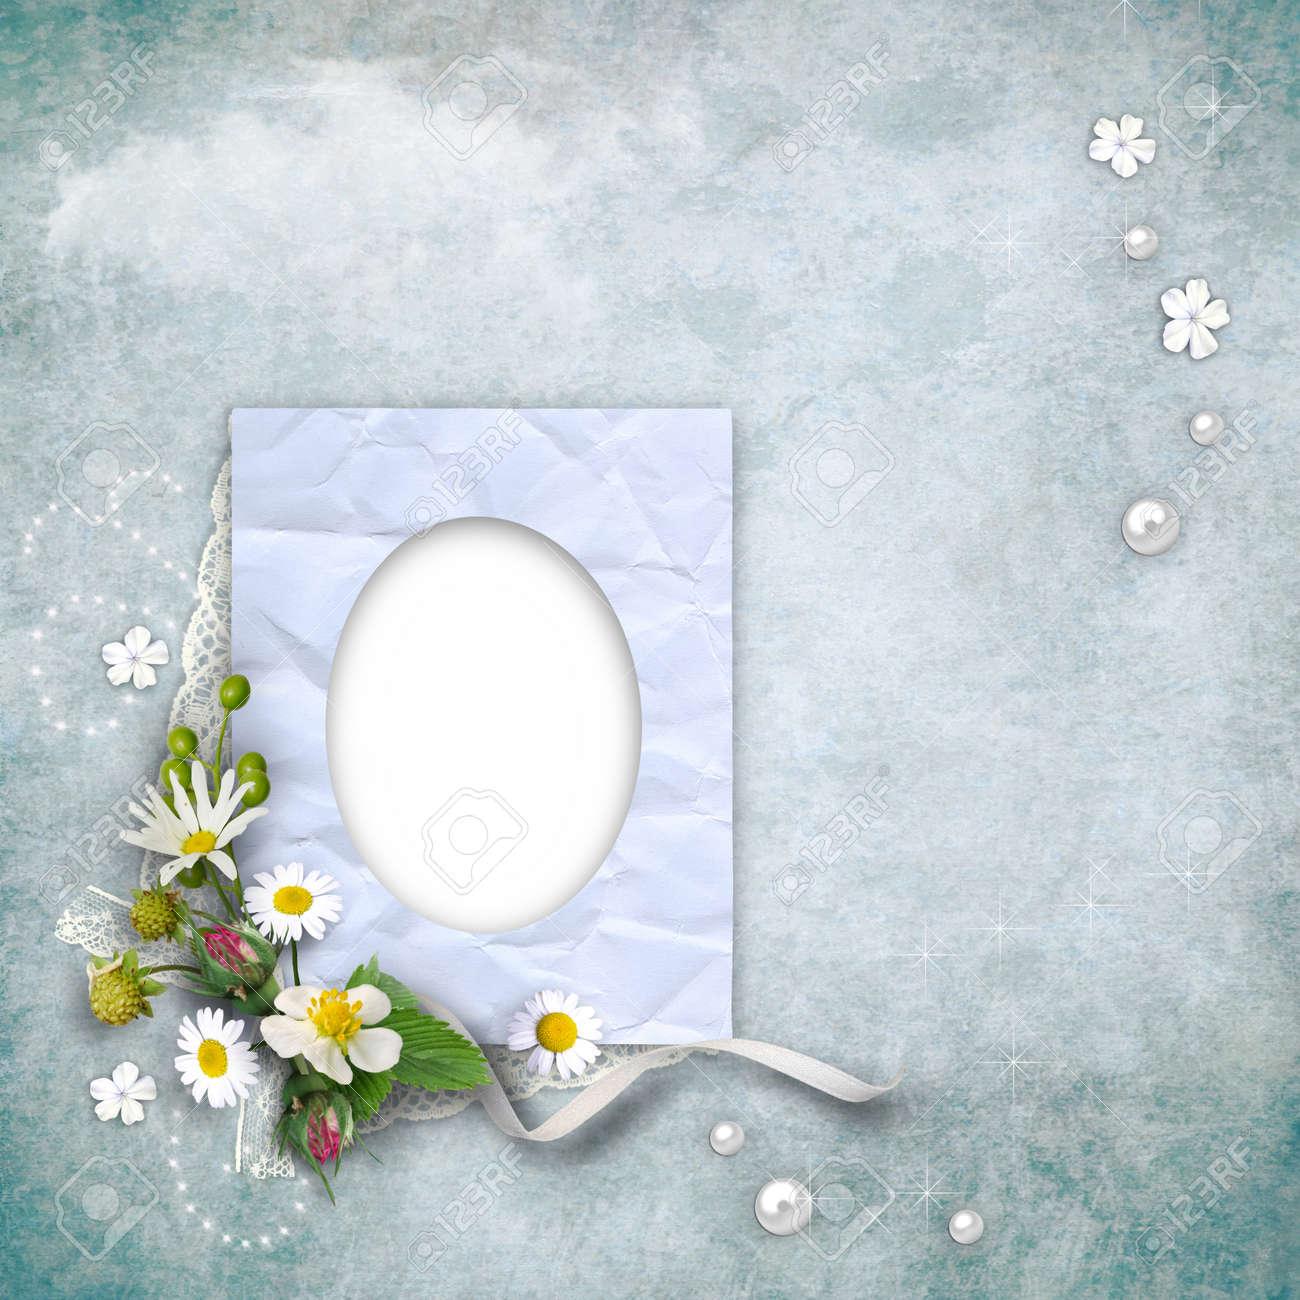 Vintage-Papier Bilderrahmen Mit Blumen Auf Strukturiertem ...